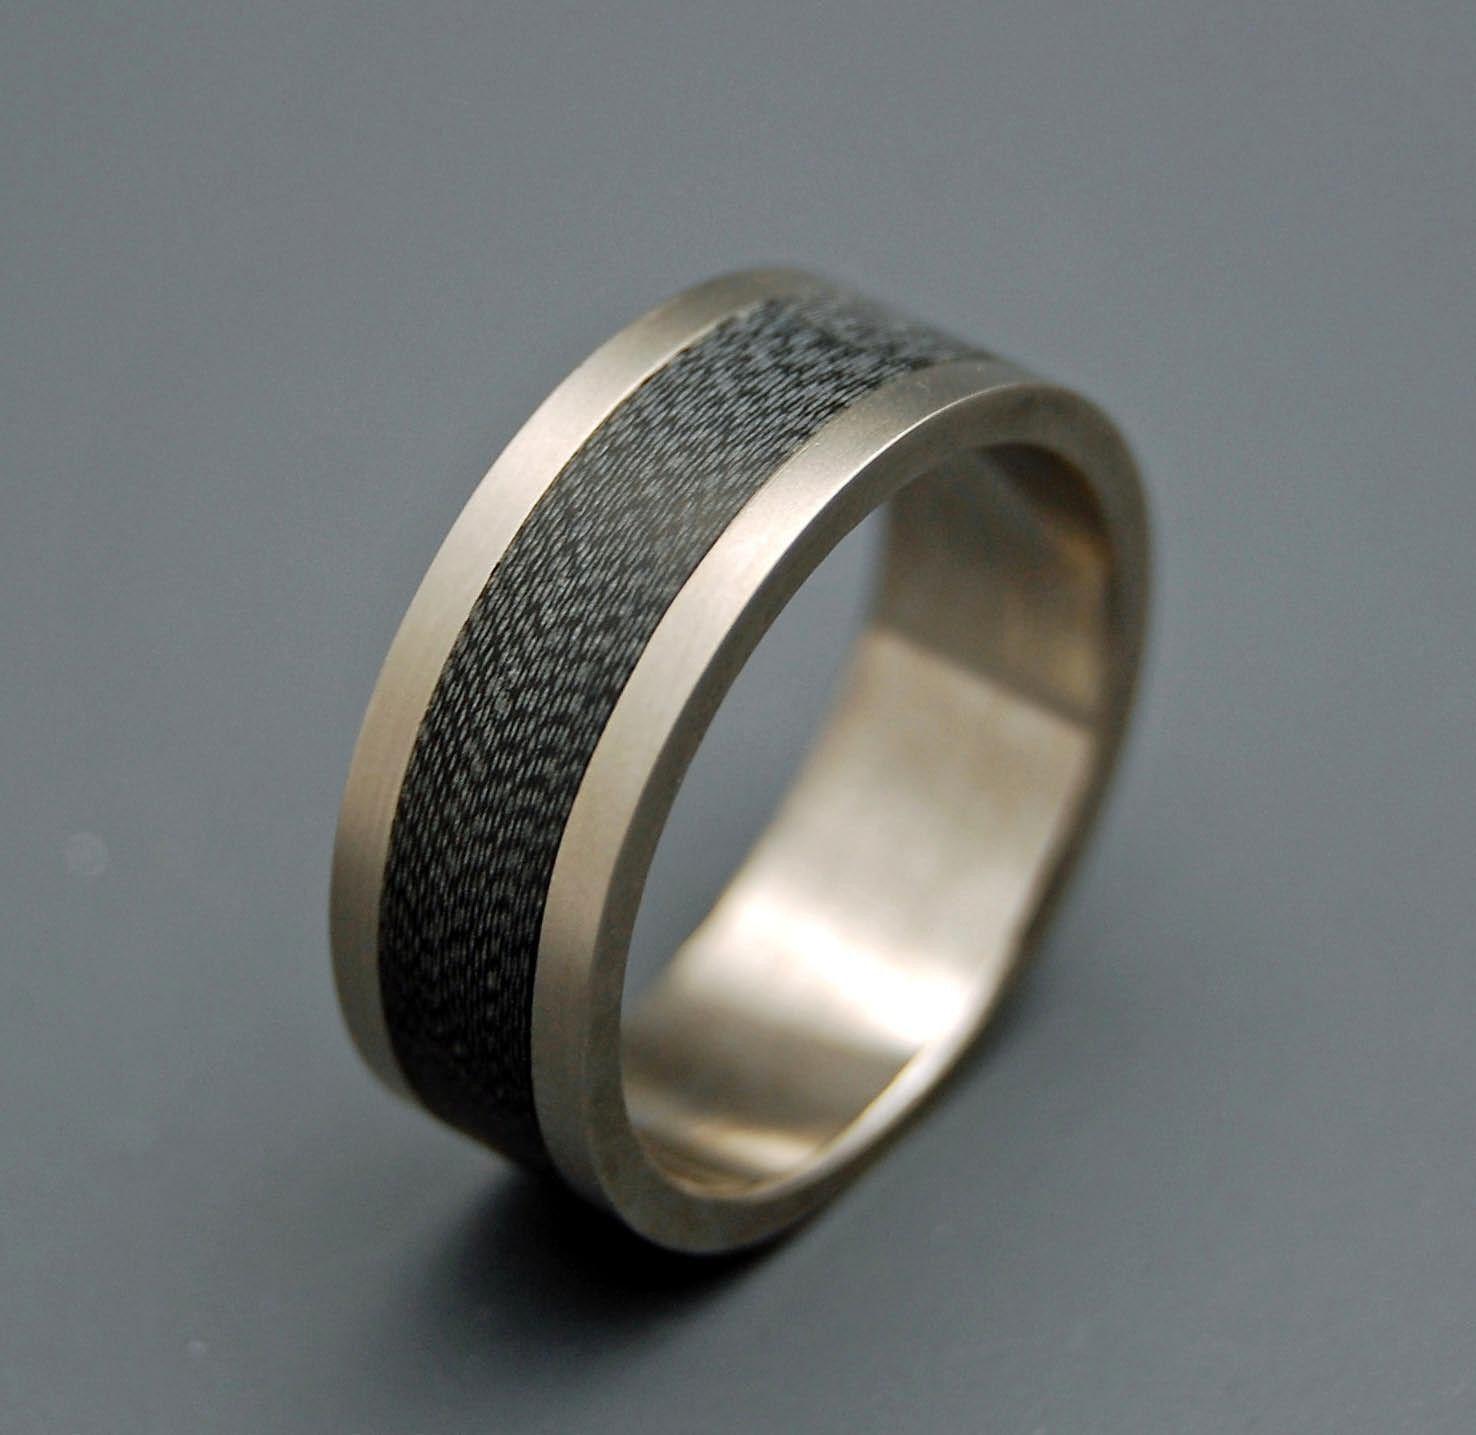 titanium wedding ring carbon fiber ring mens rings womens rings eco - Eco Friendly Wedding Rings